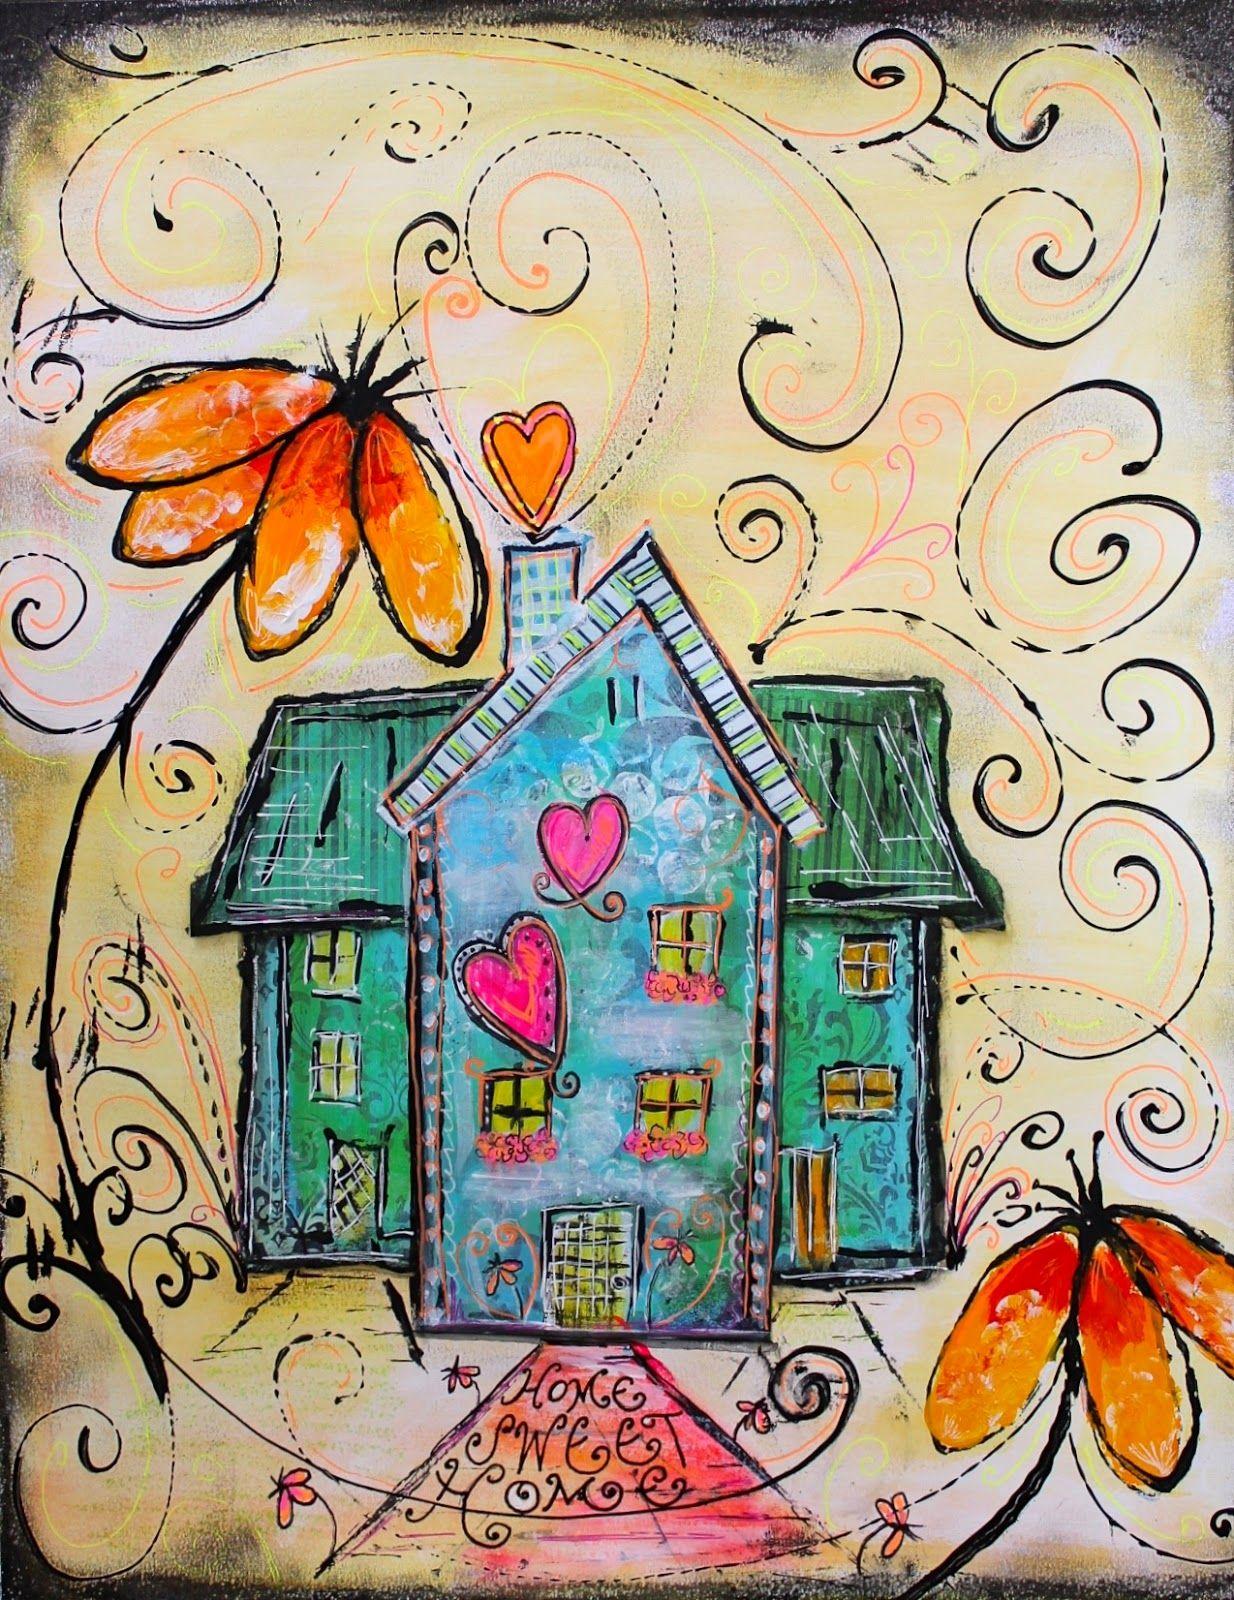 Corazón de niño | Cuadros | Pinterest | Cuadro, Pinturas y Dibujo